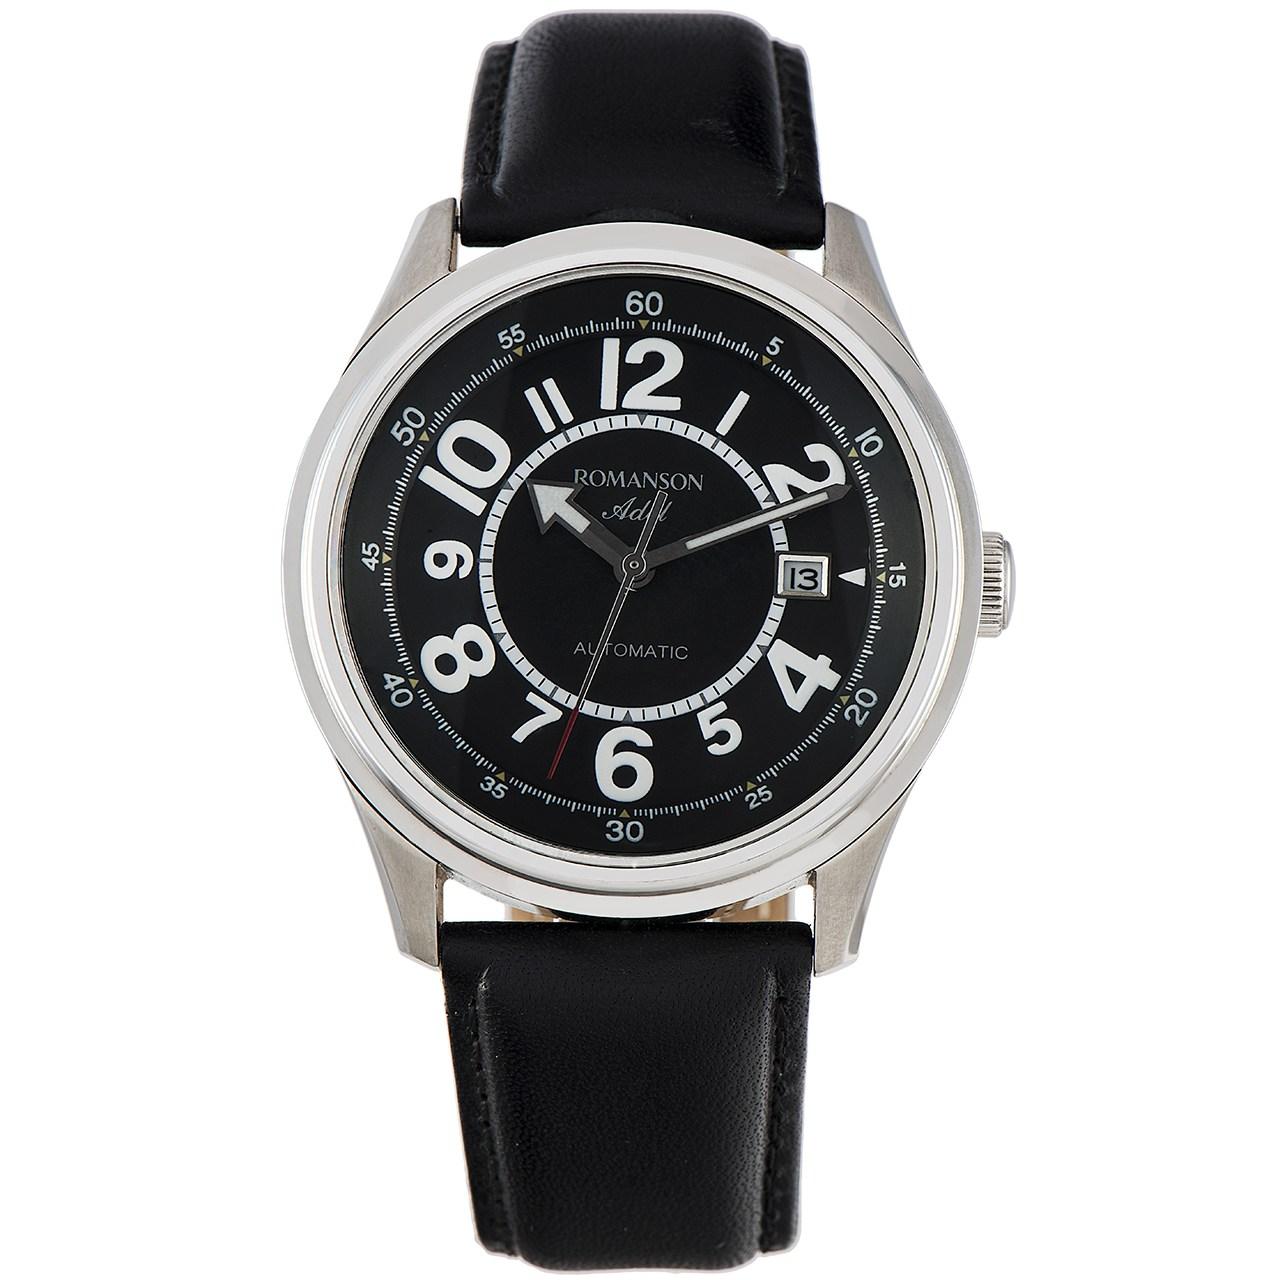 ساعت مچی عقربه ای مردانه رومانسون مدل TL7227RM1WA37W